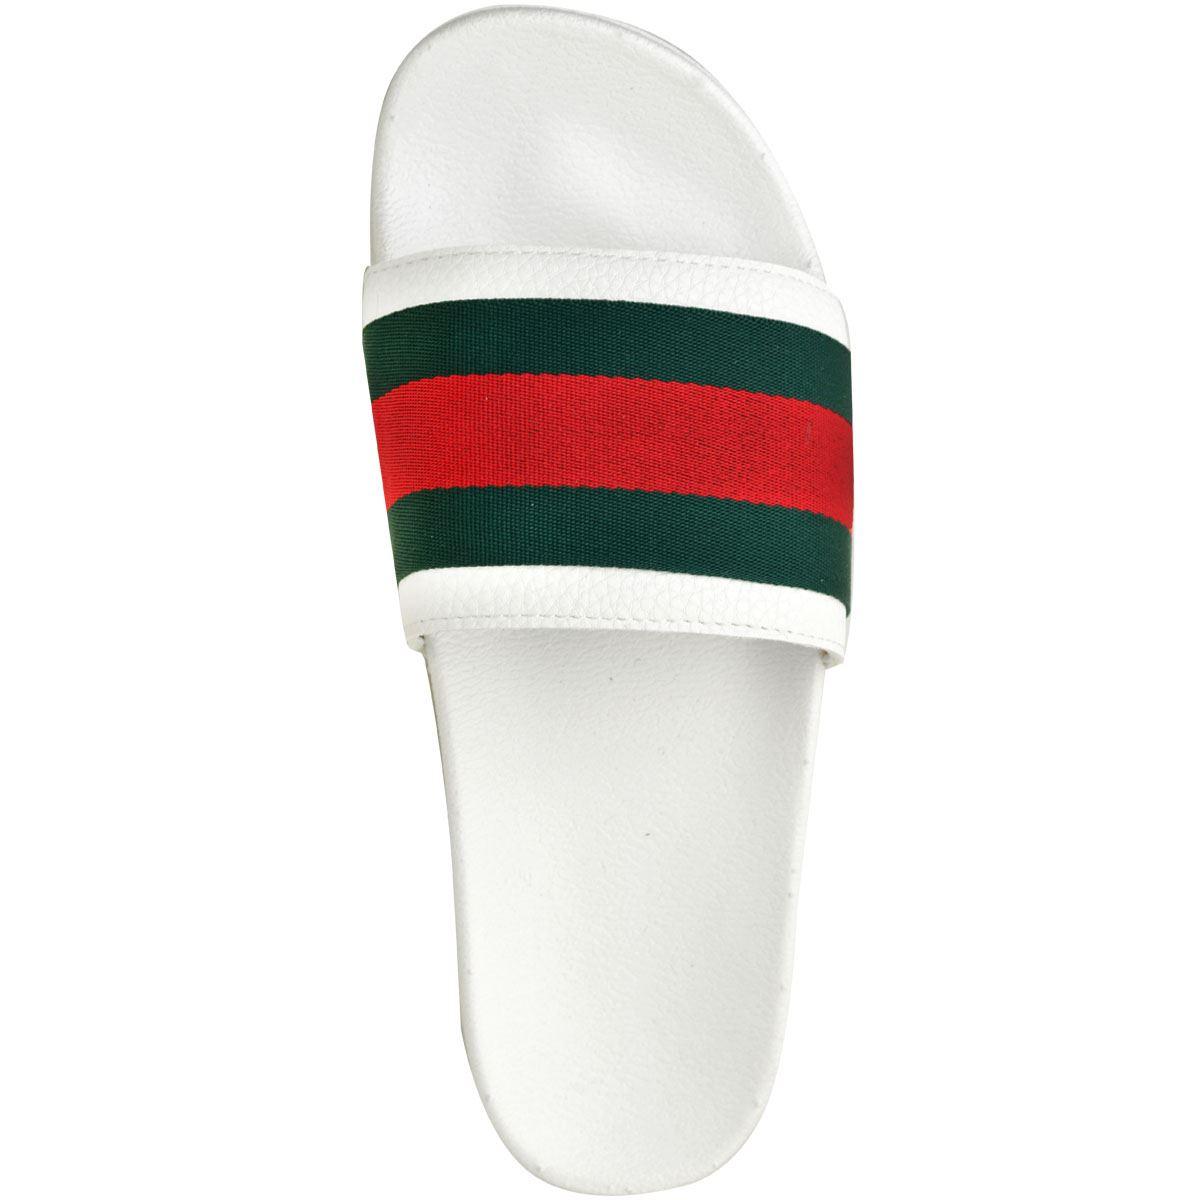 Mens-Guys-Flat-Rubber-Slides-Sliders-Stripe-Sandals-Pool-Beach-Designer-New-Size thumbnail 17